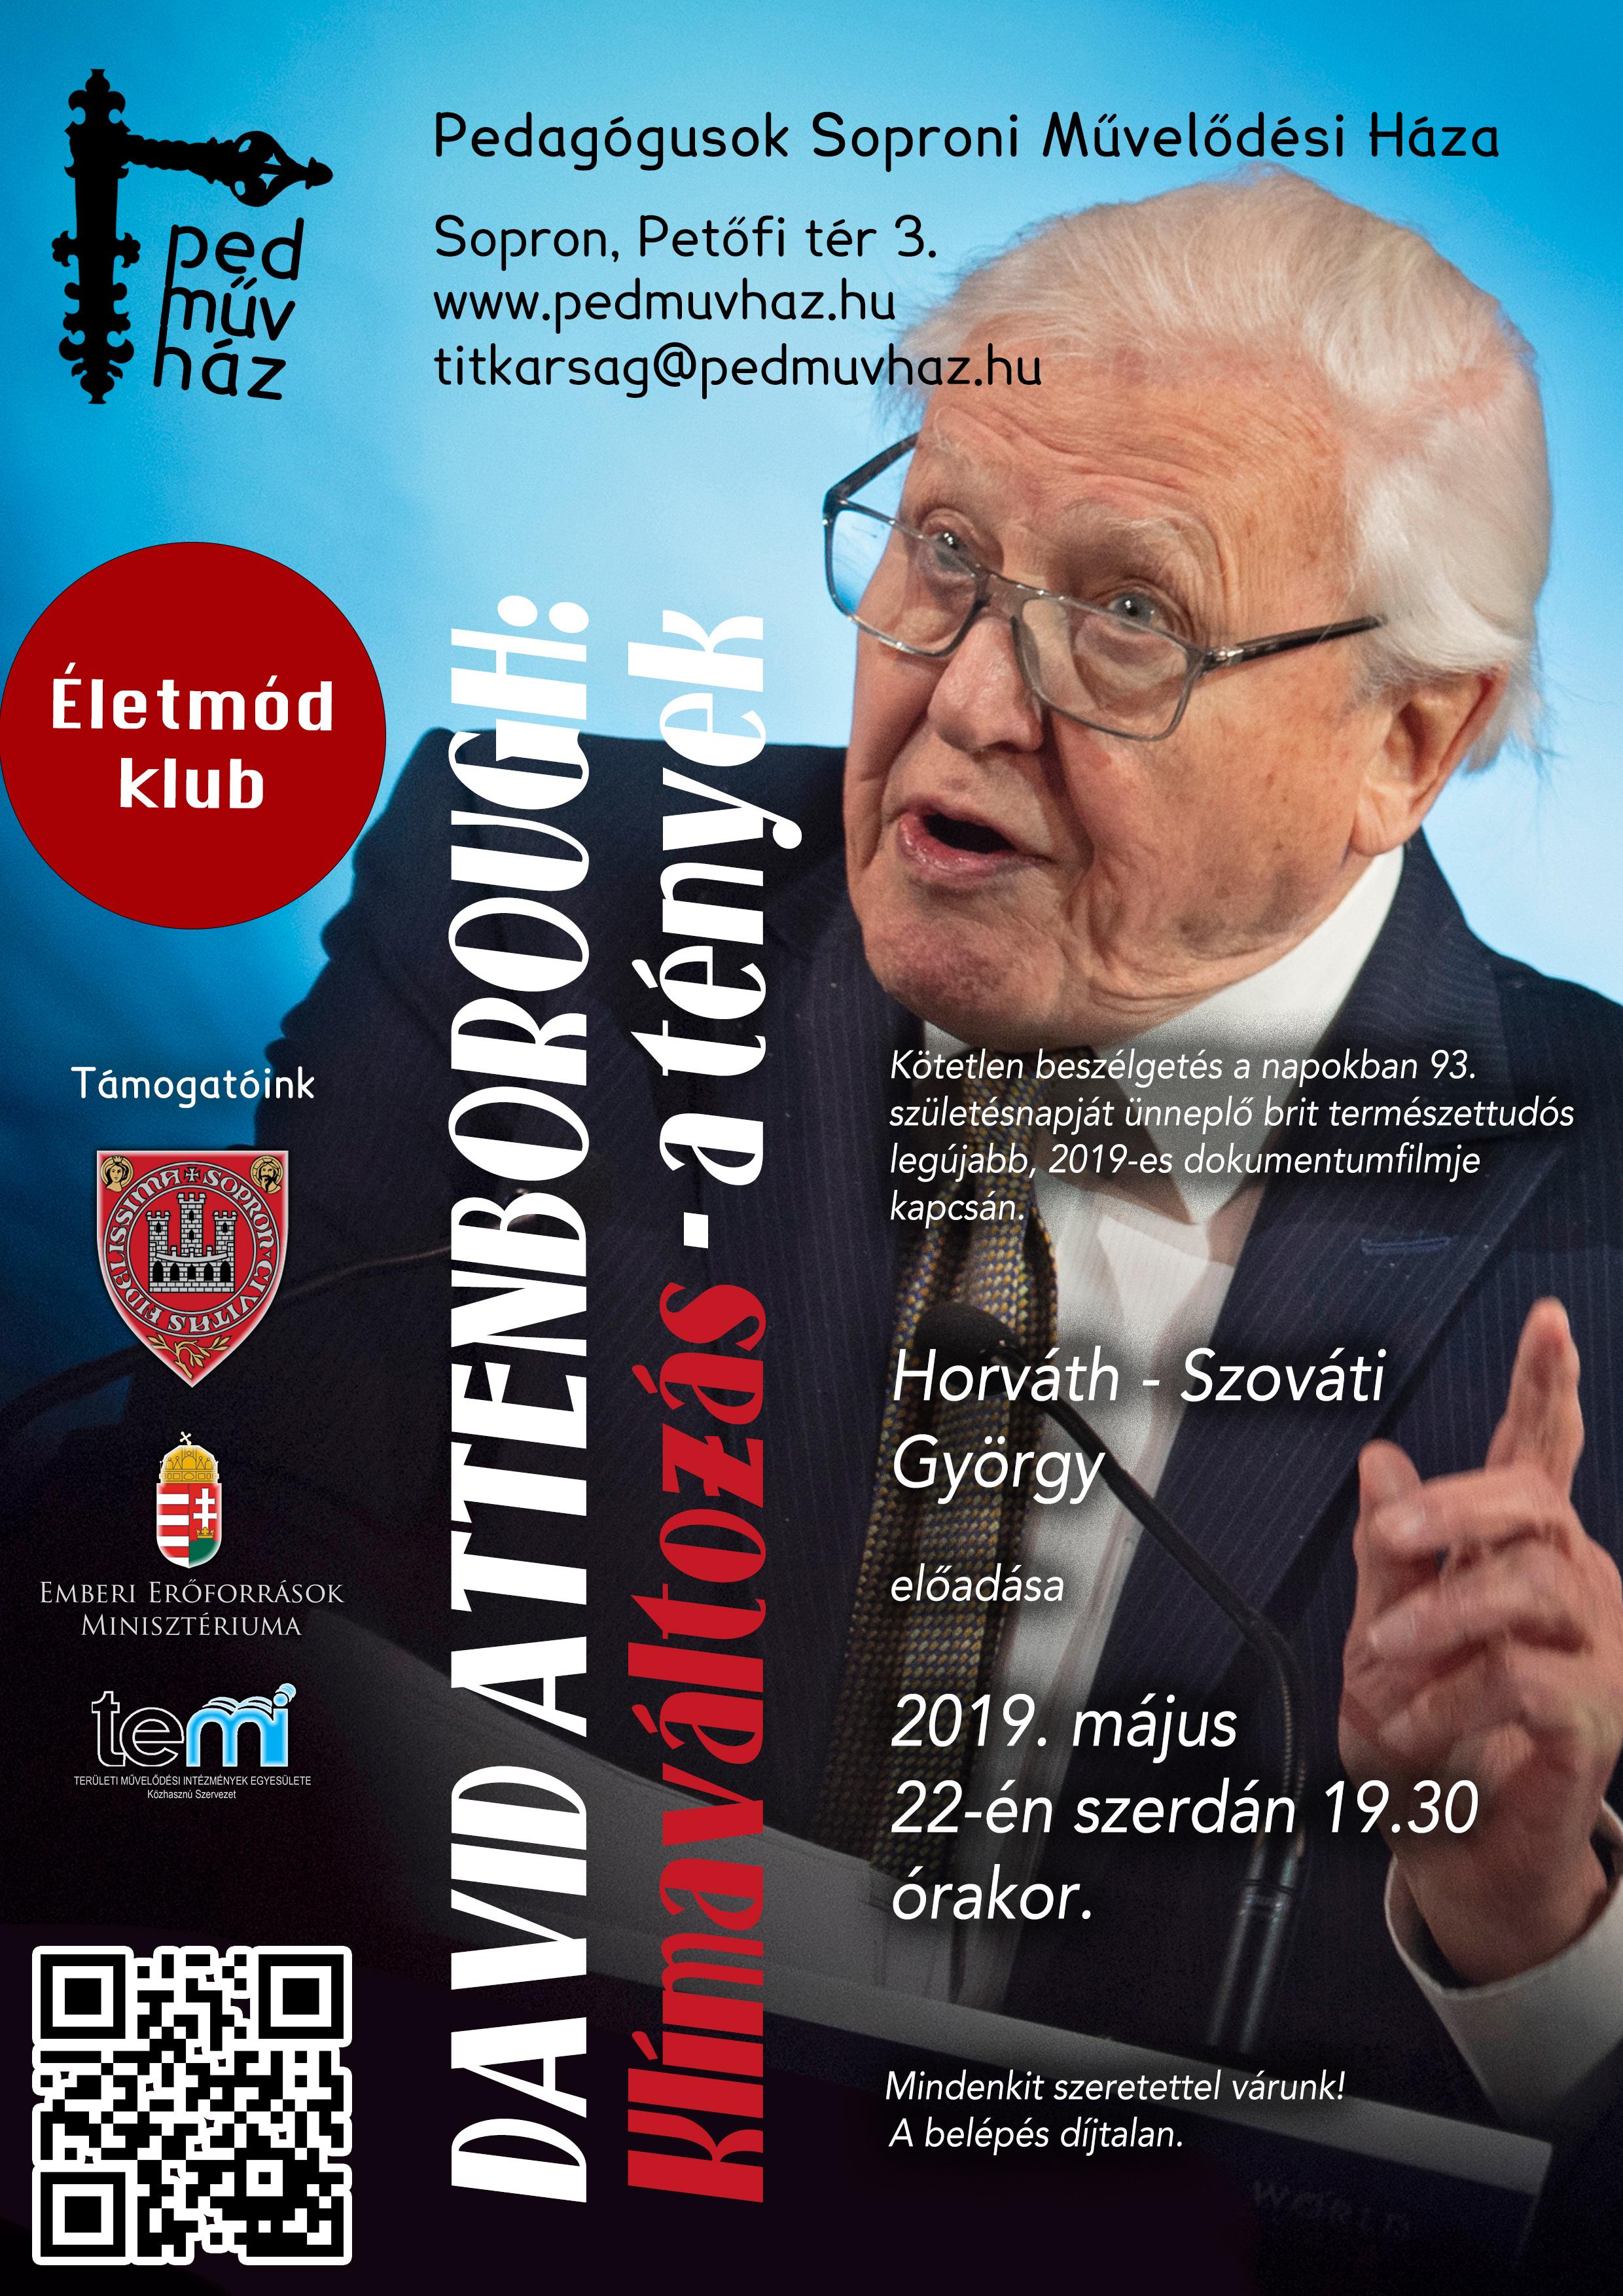 Plakát alap - Horváth-Szováti György 20190522